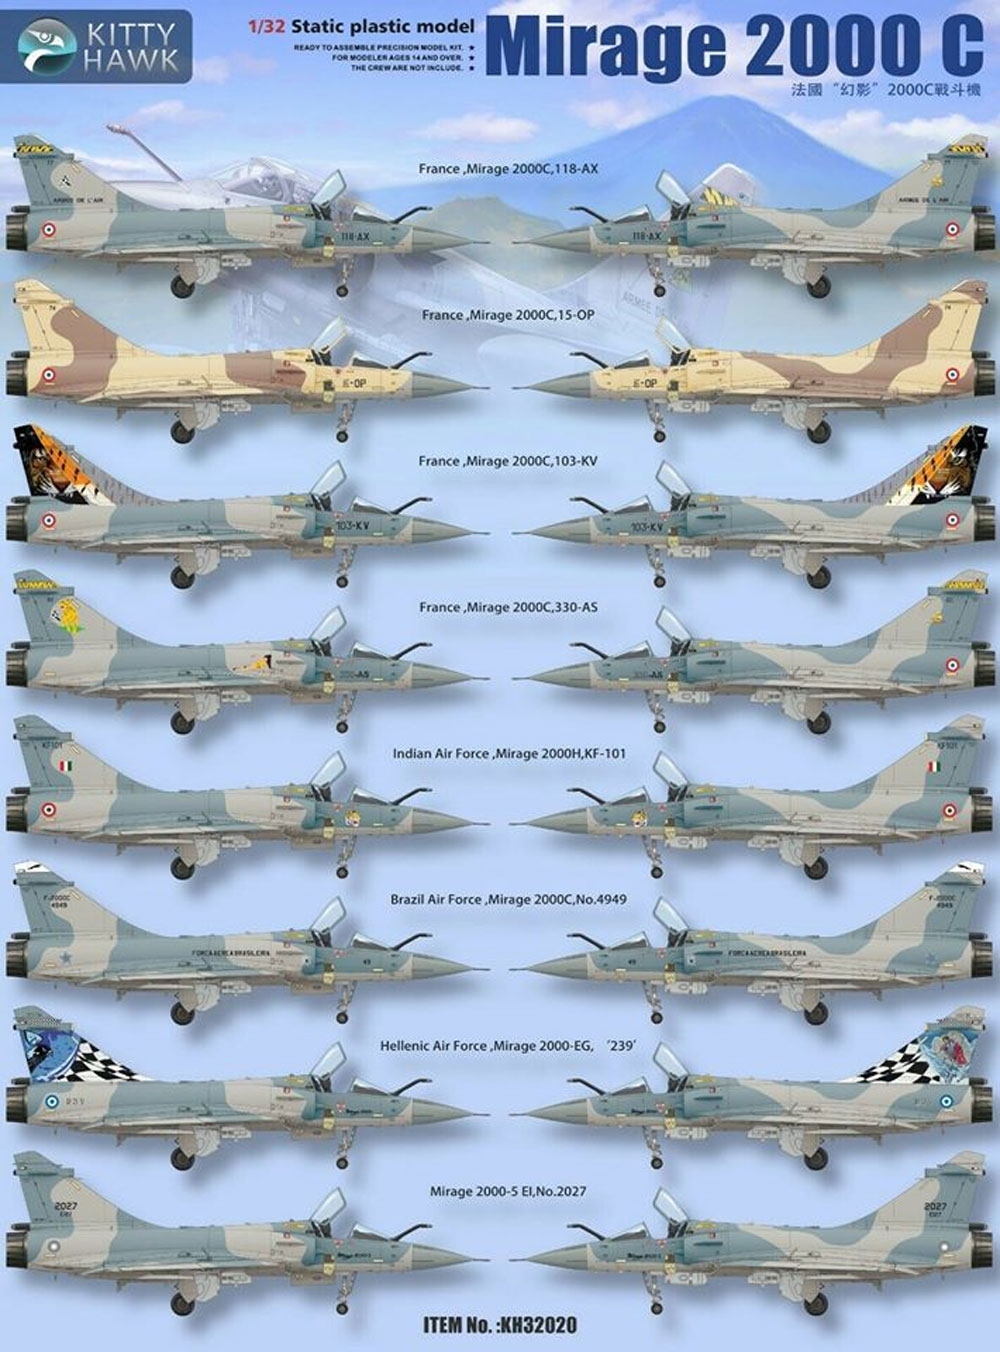 ミラージュ 2000Cプラモデル(キティホーク1/32 エアモデルNo.KH32020)商品画像_2